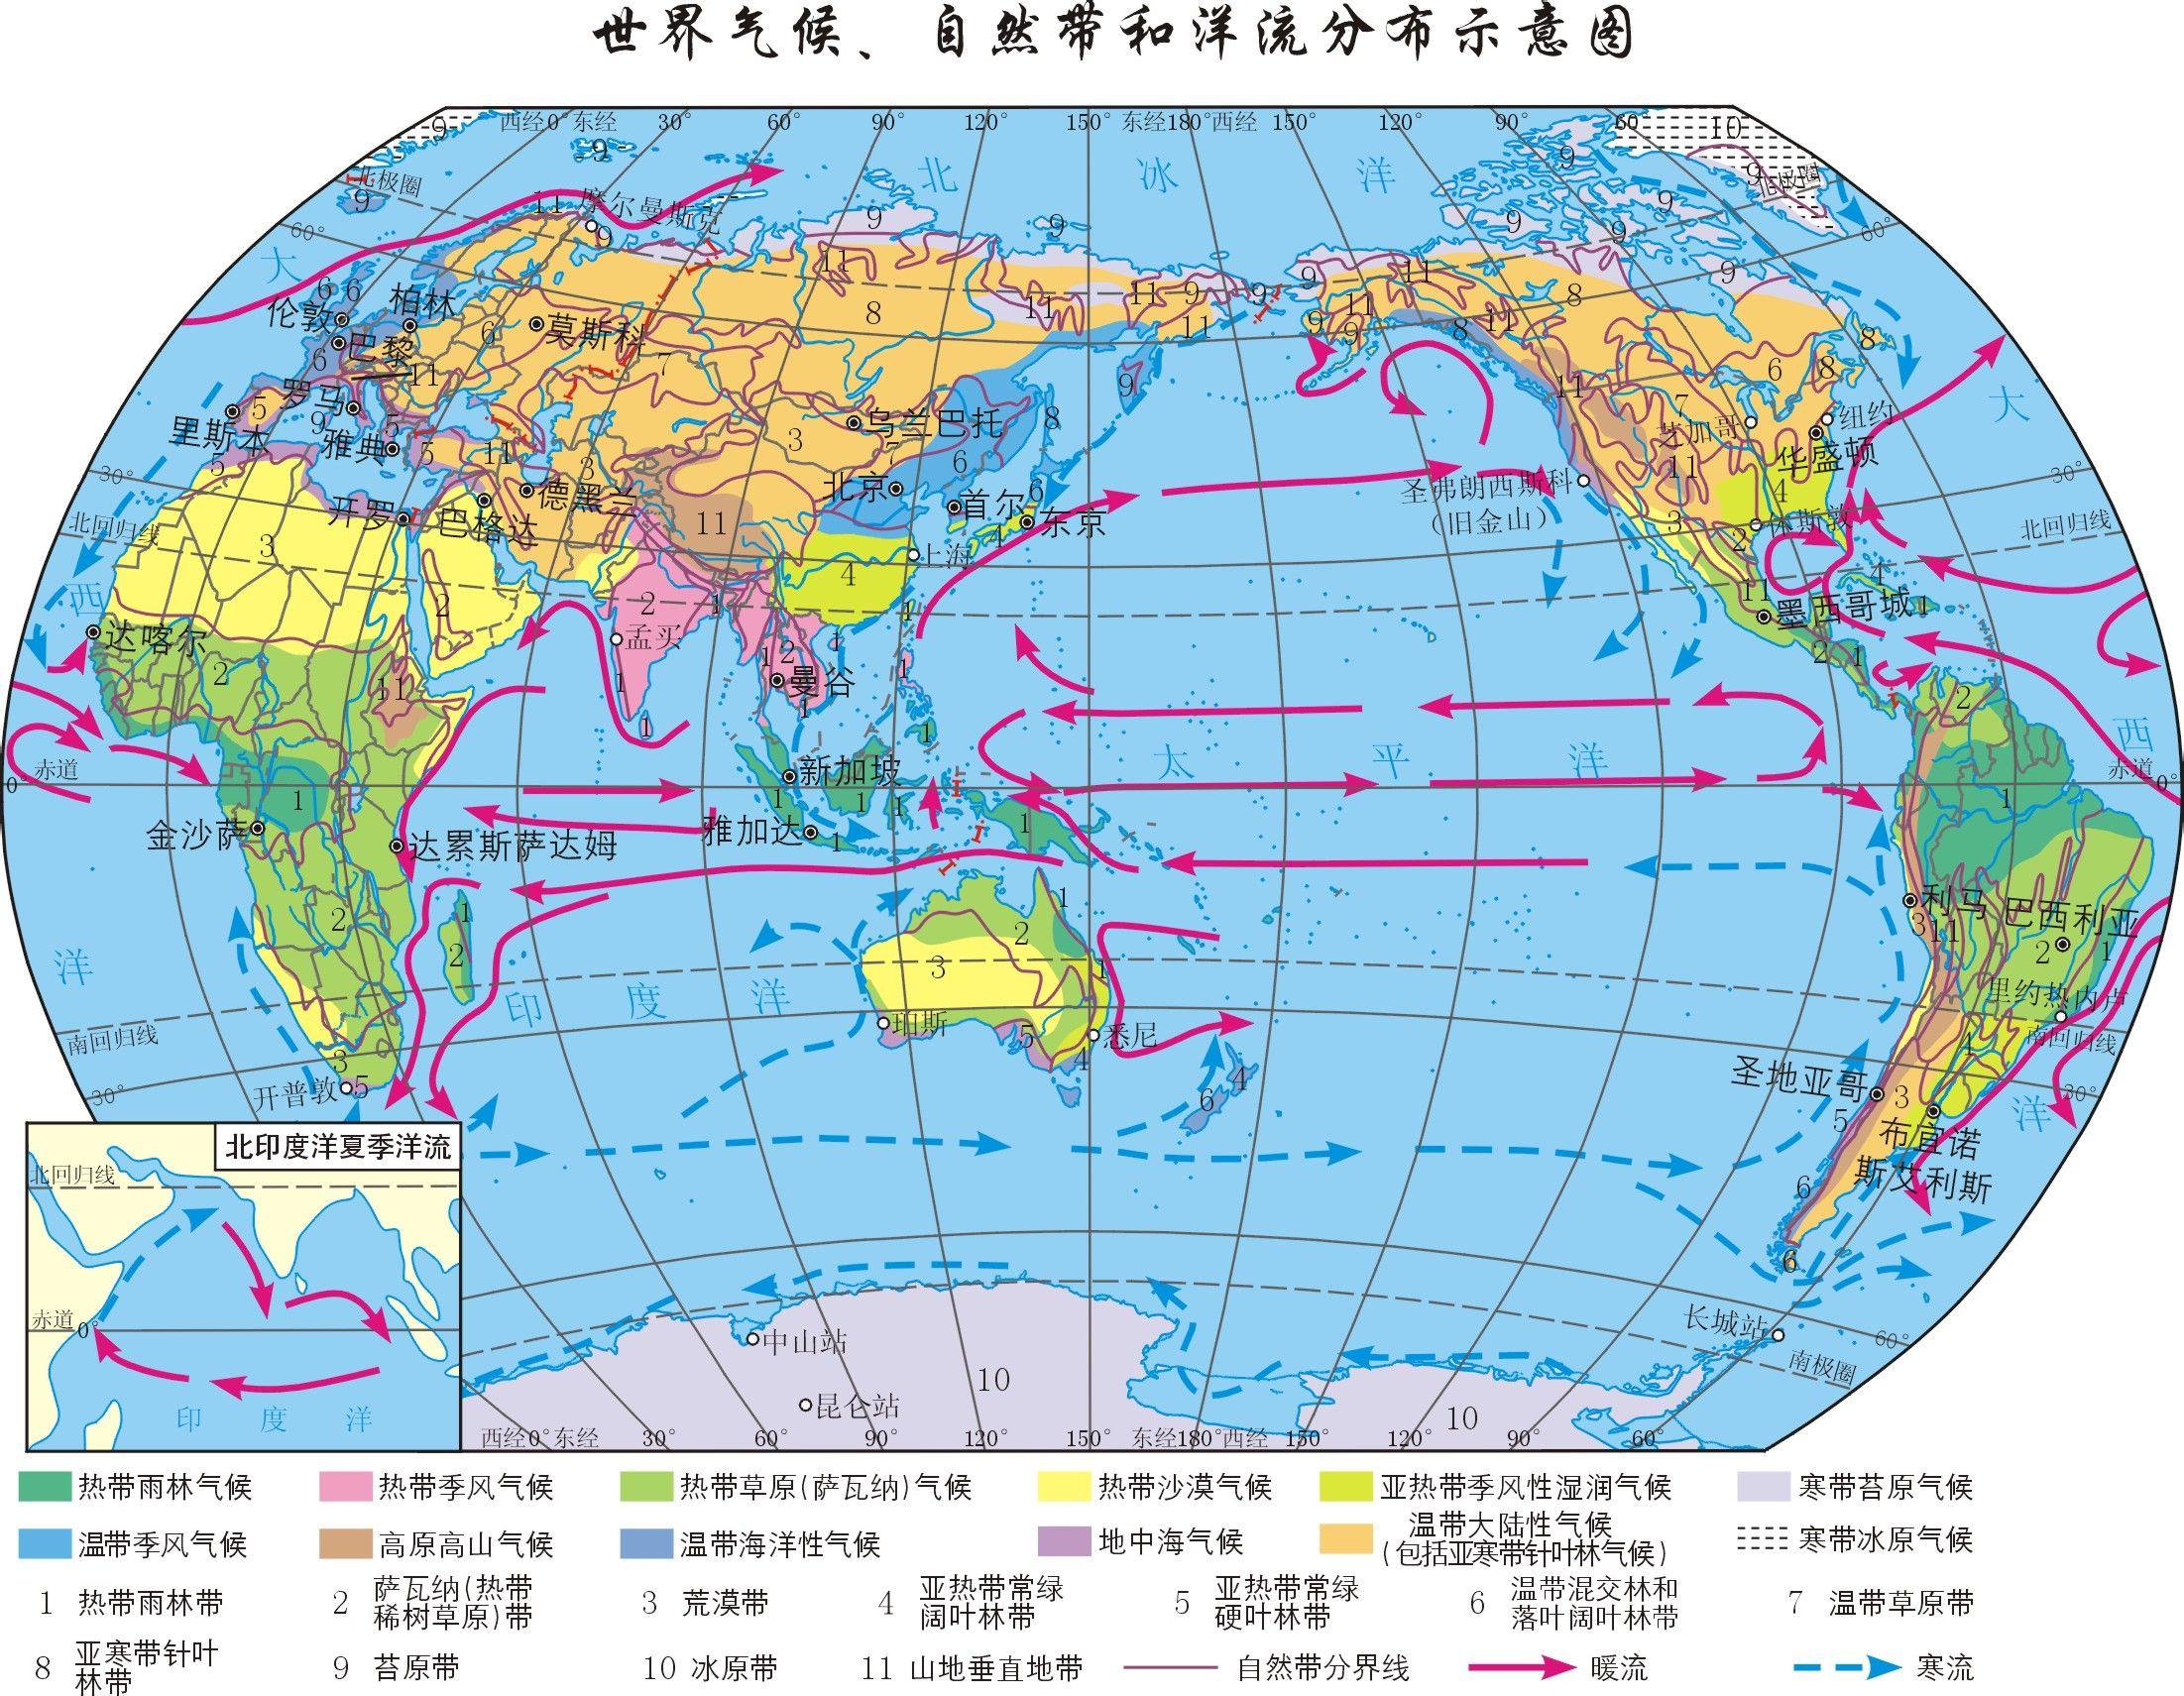 世界4世界气候,自然带和洋流分布示意图高清图片